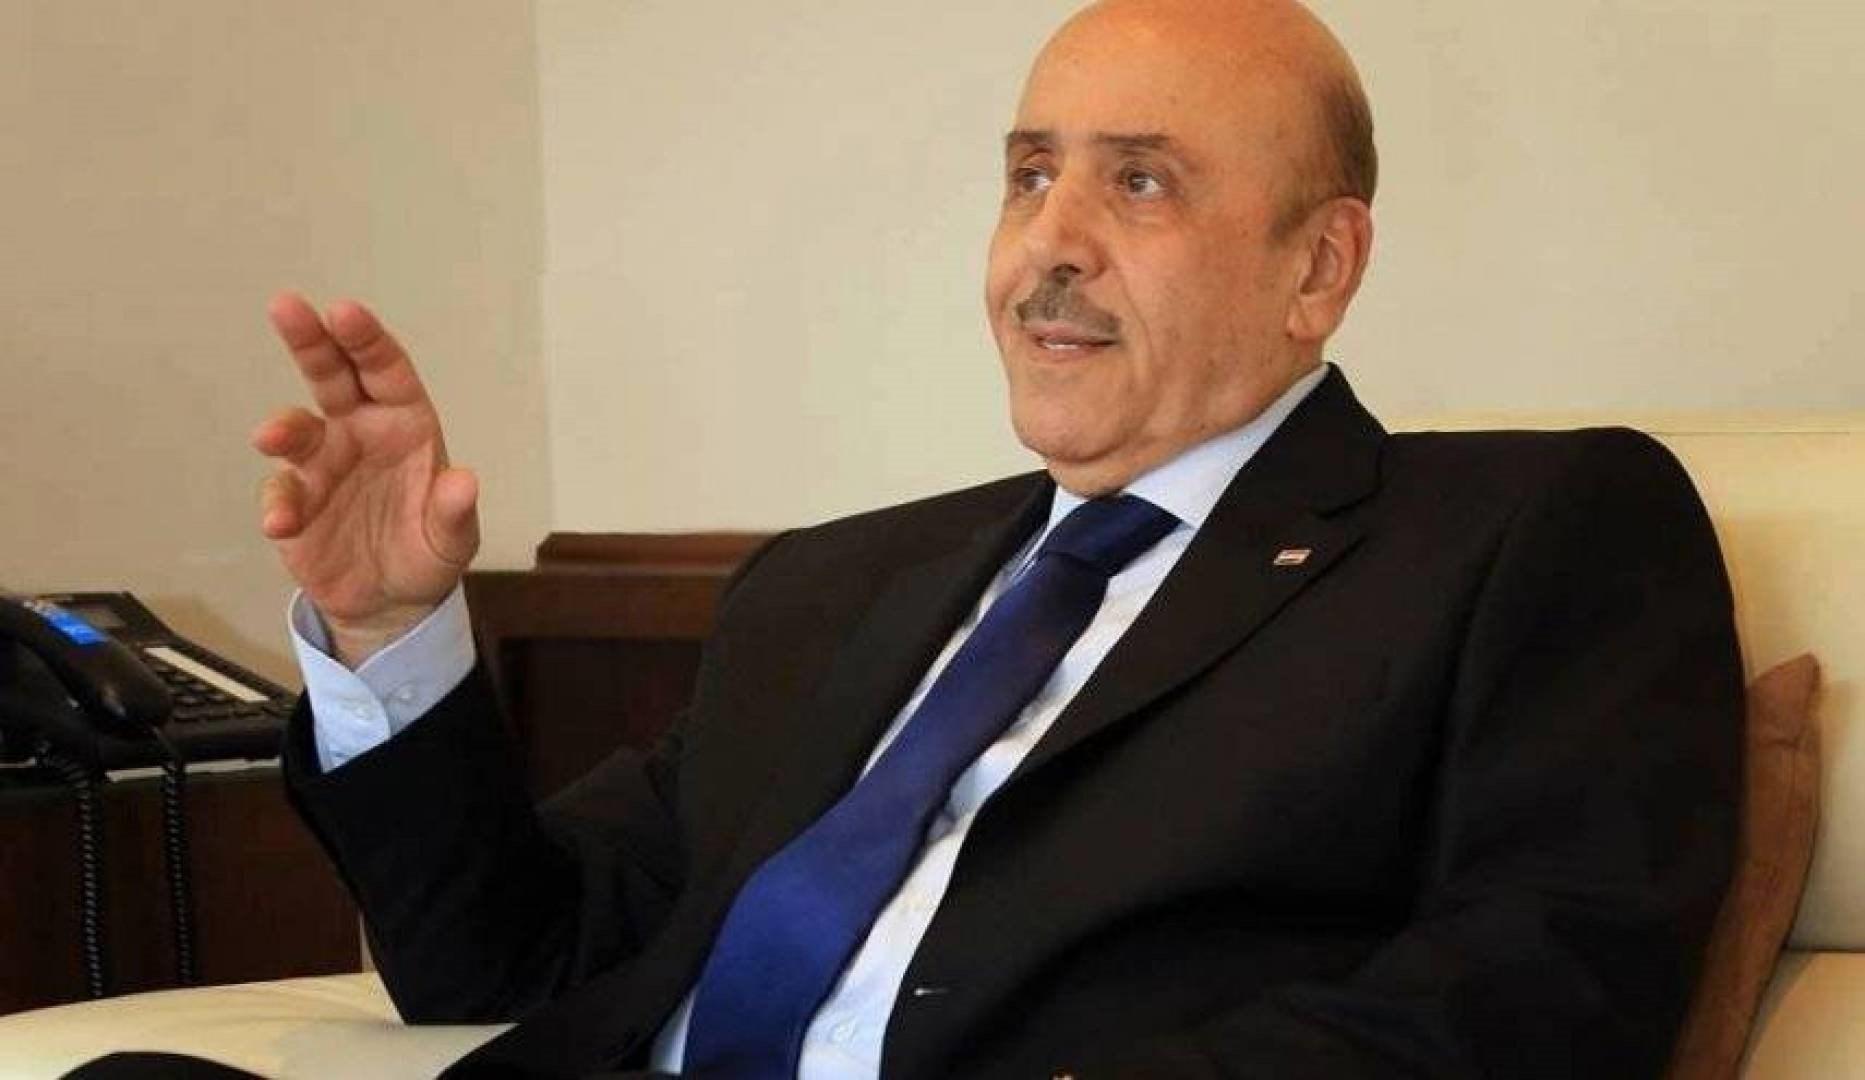 المملوك من موسكو: نطالب تركيا بالانسحاب الفوري والكامل من الأراضي السورية